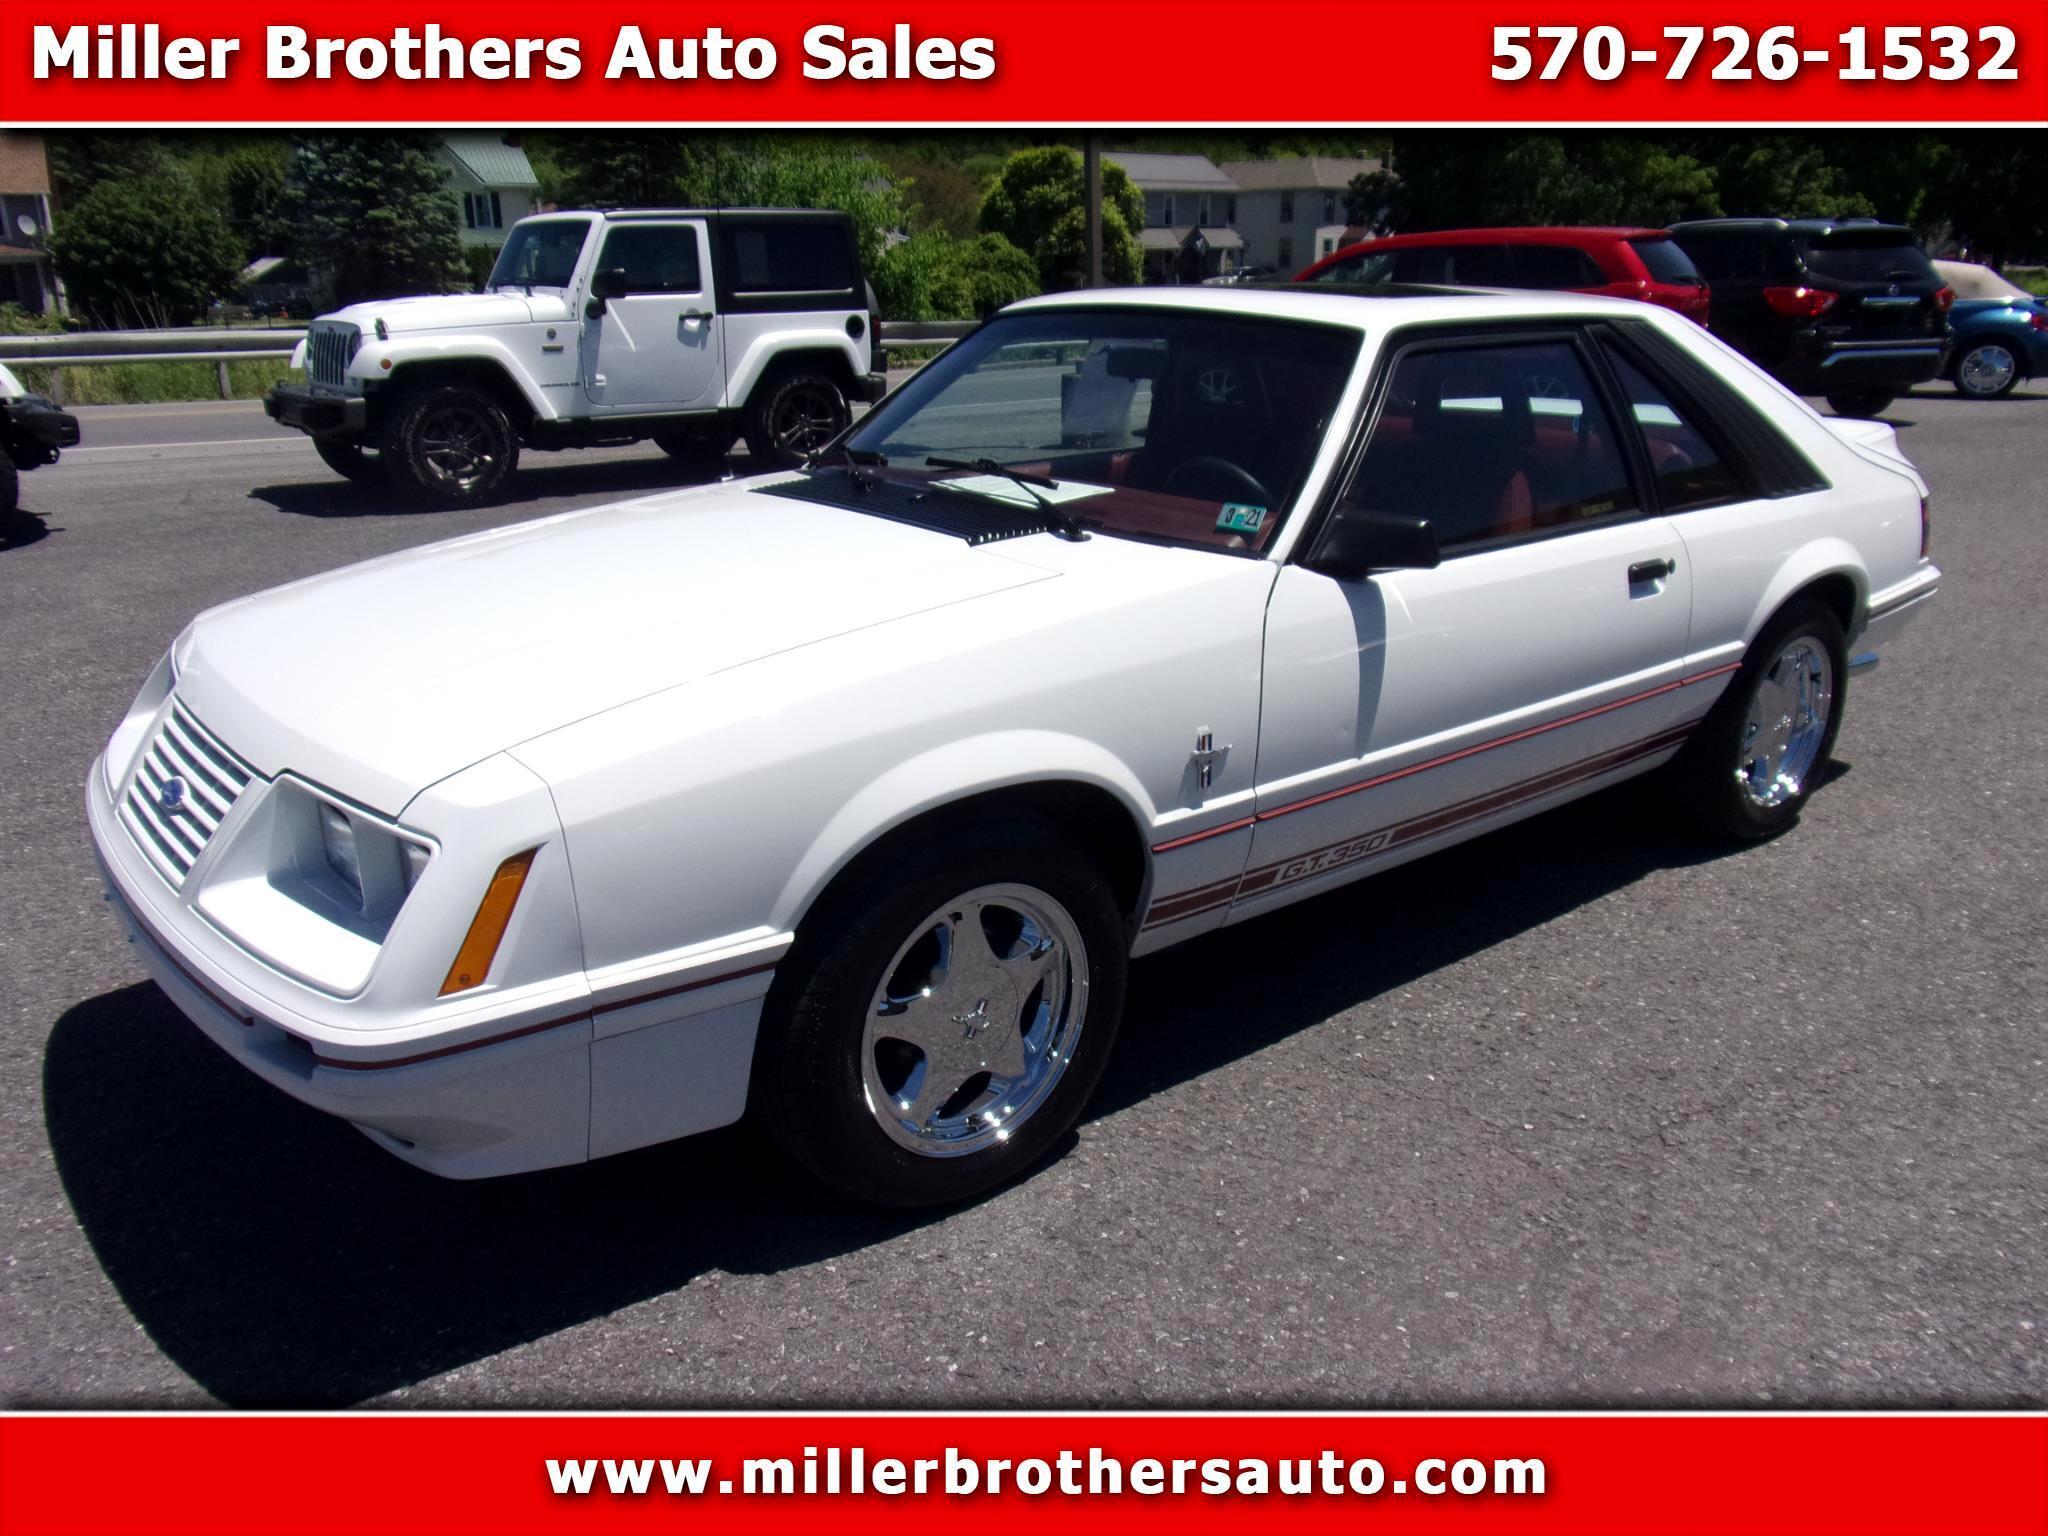 Ford Mustang 3dr Hatchback GT 1984